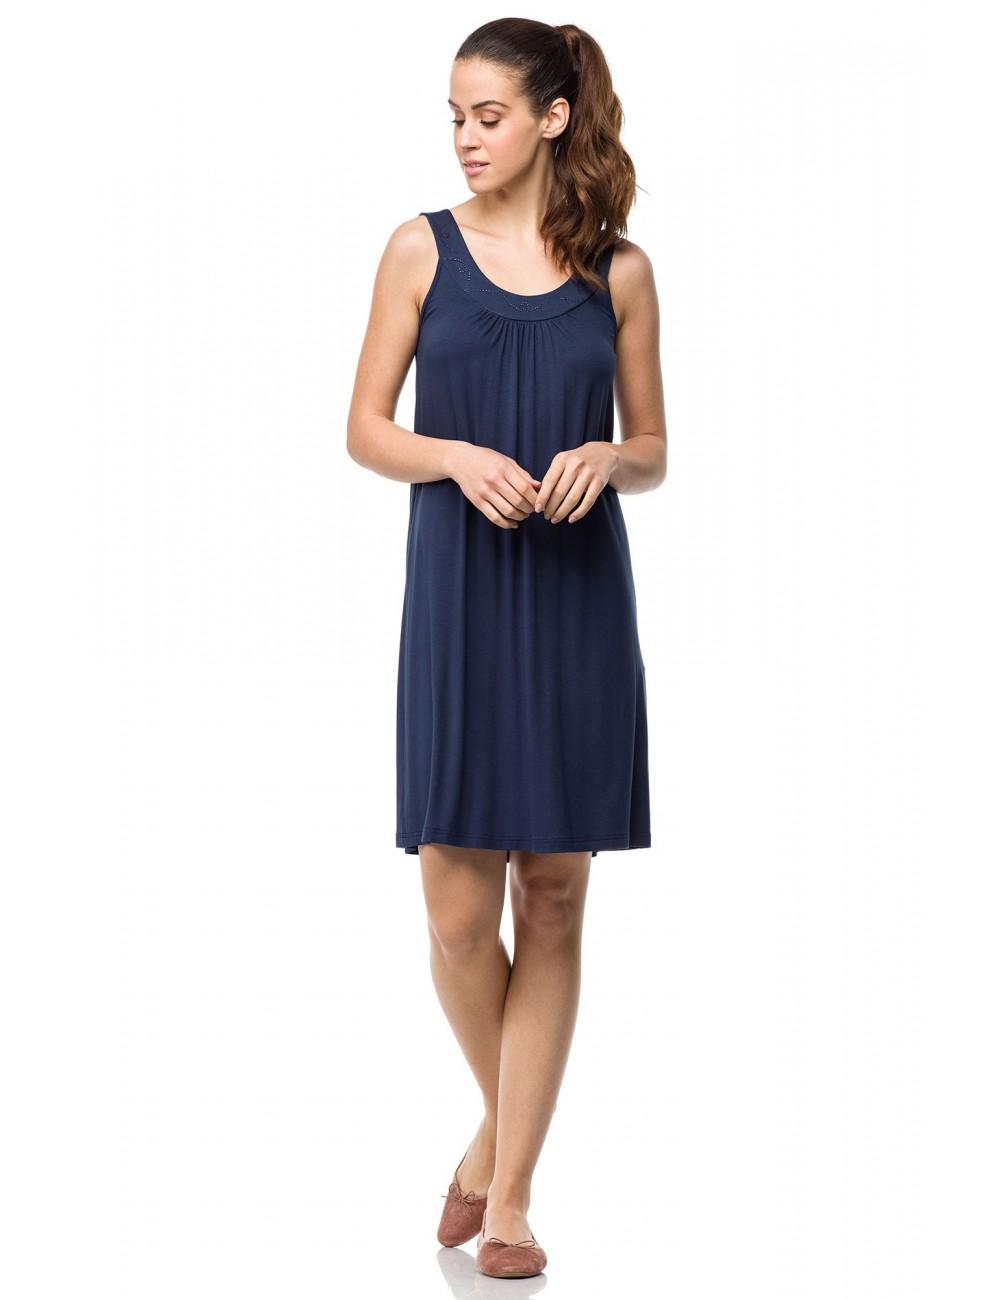 Καλοκαιρινό κλασικό φόρεμα viscose μπλε Vamp 01601